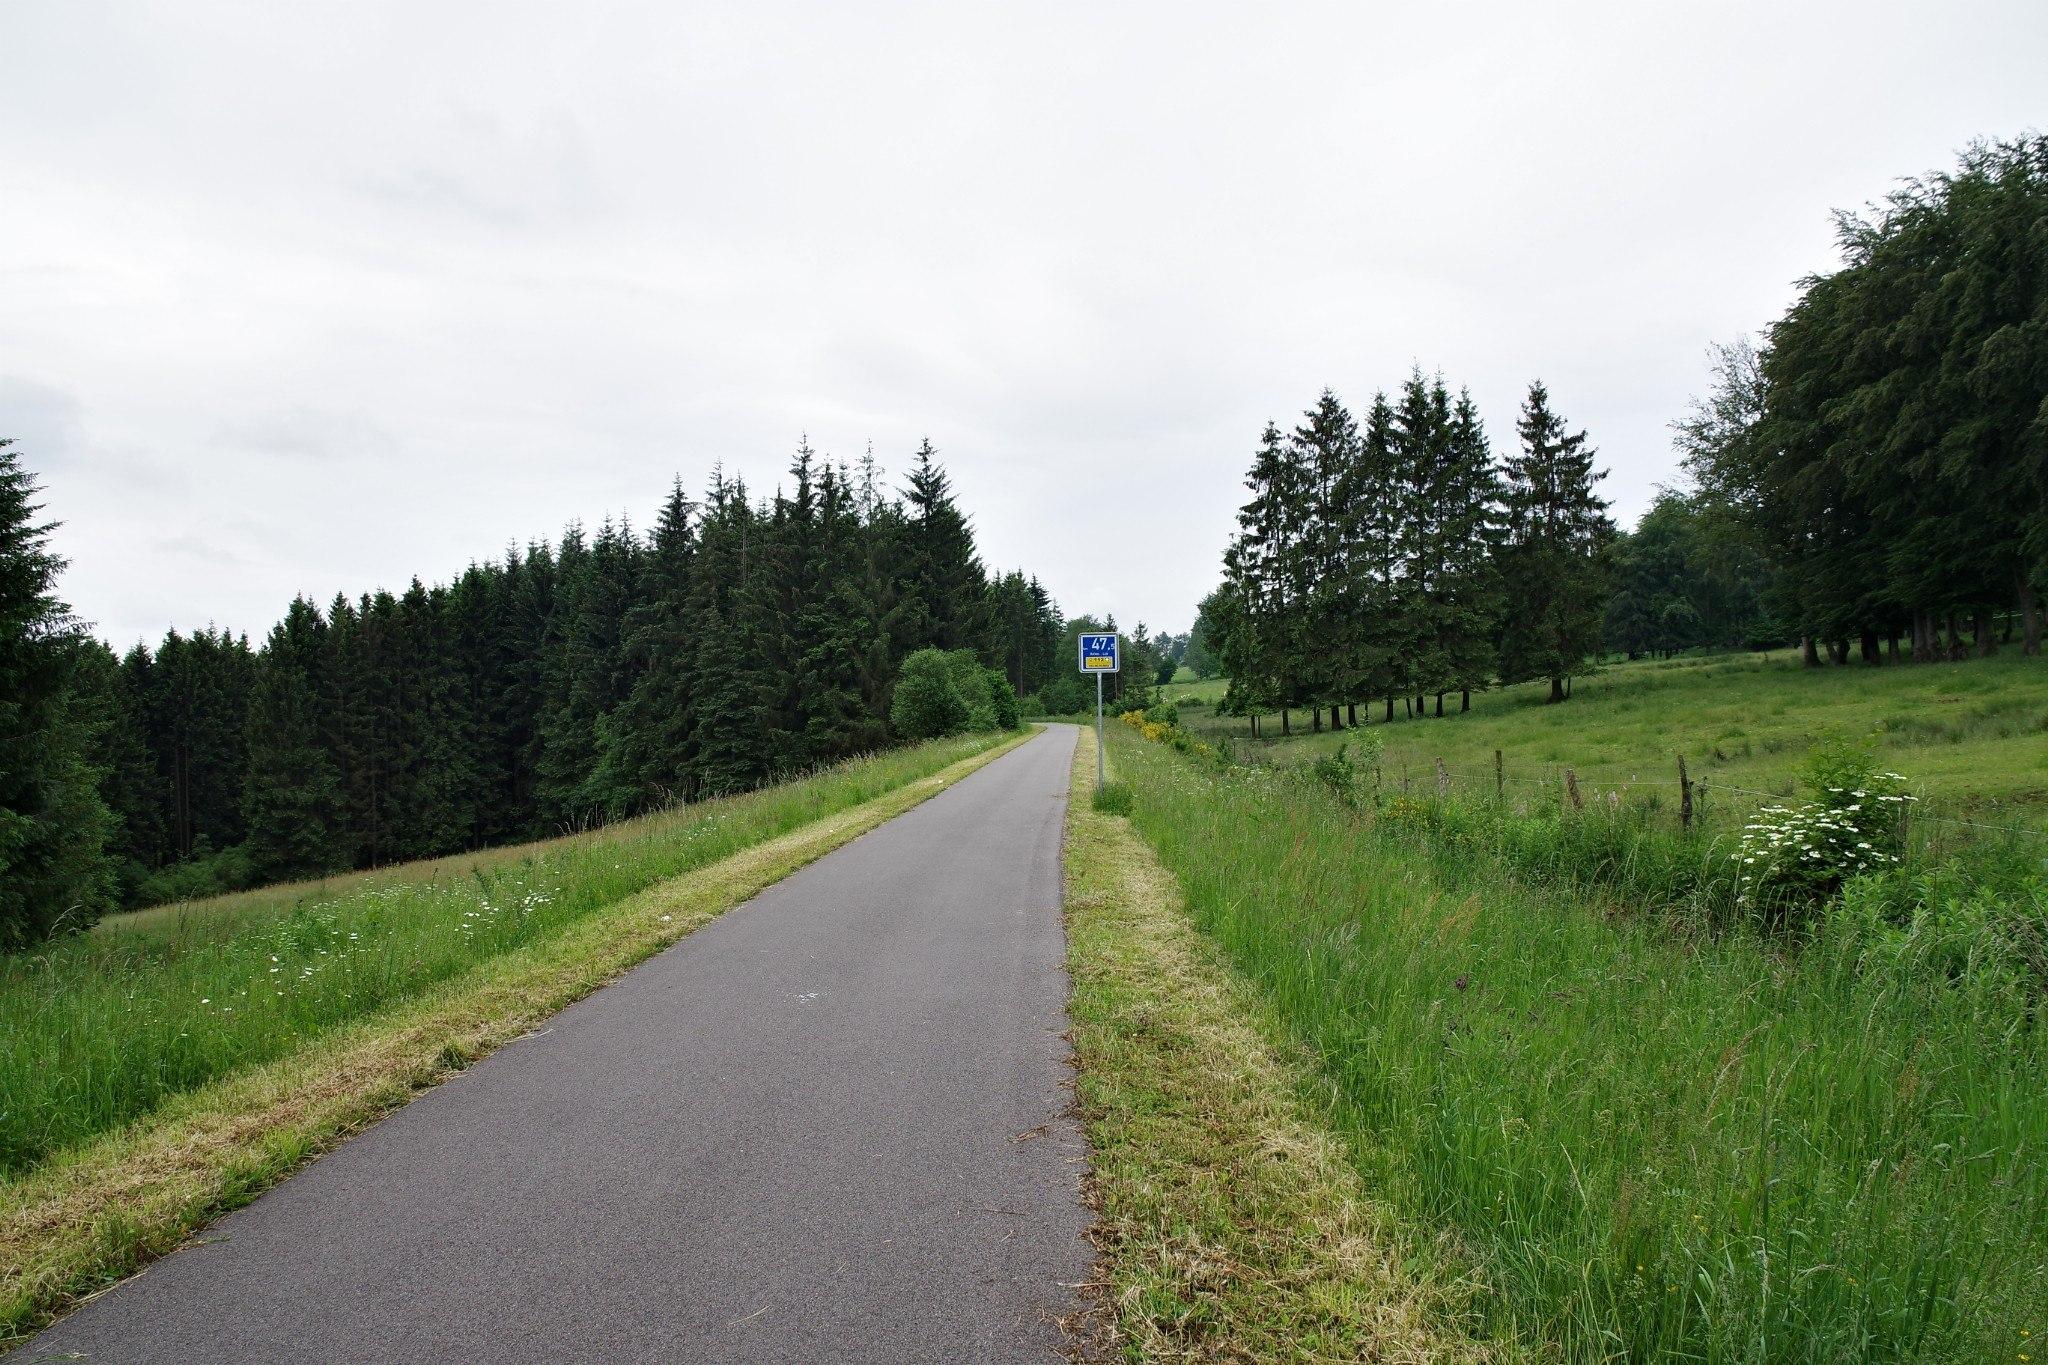 Benelux-Länder, 12.06.2016